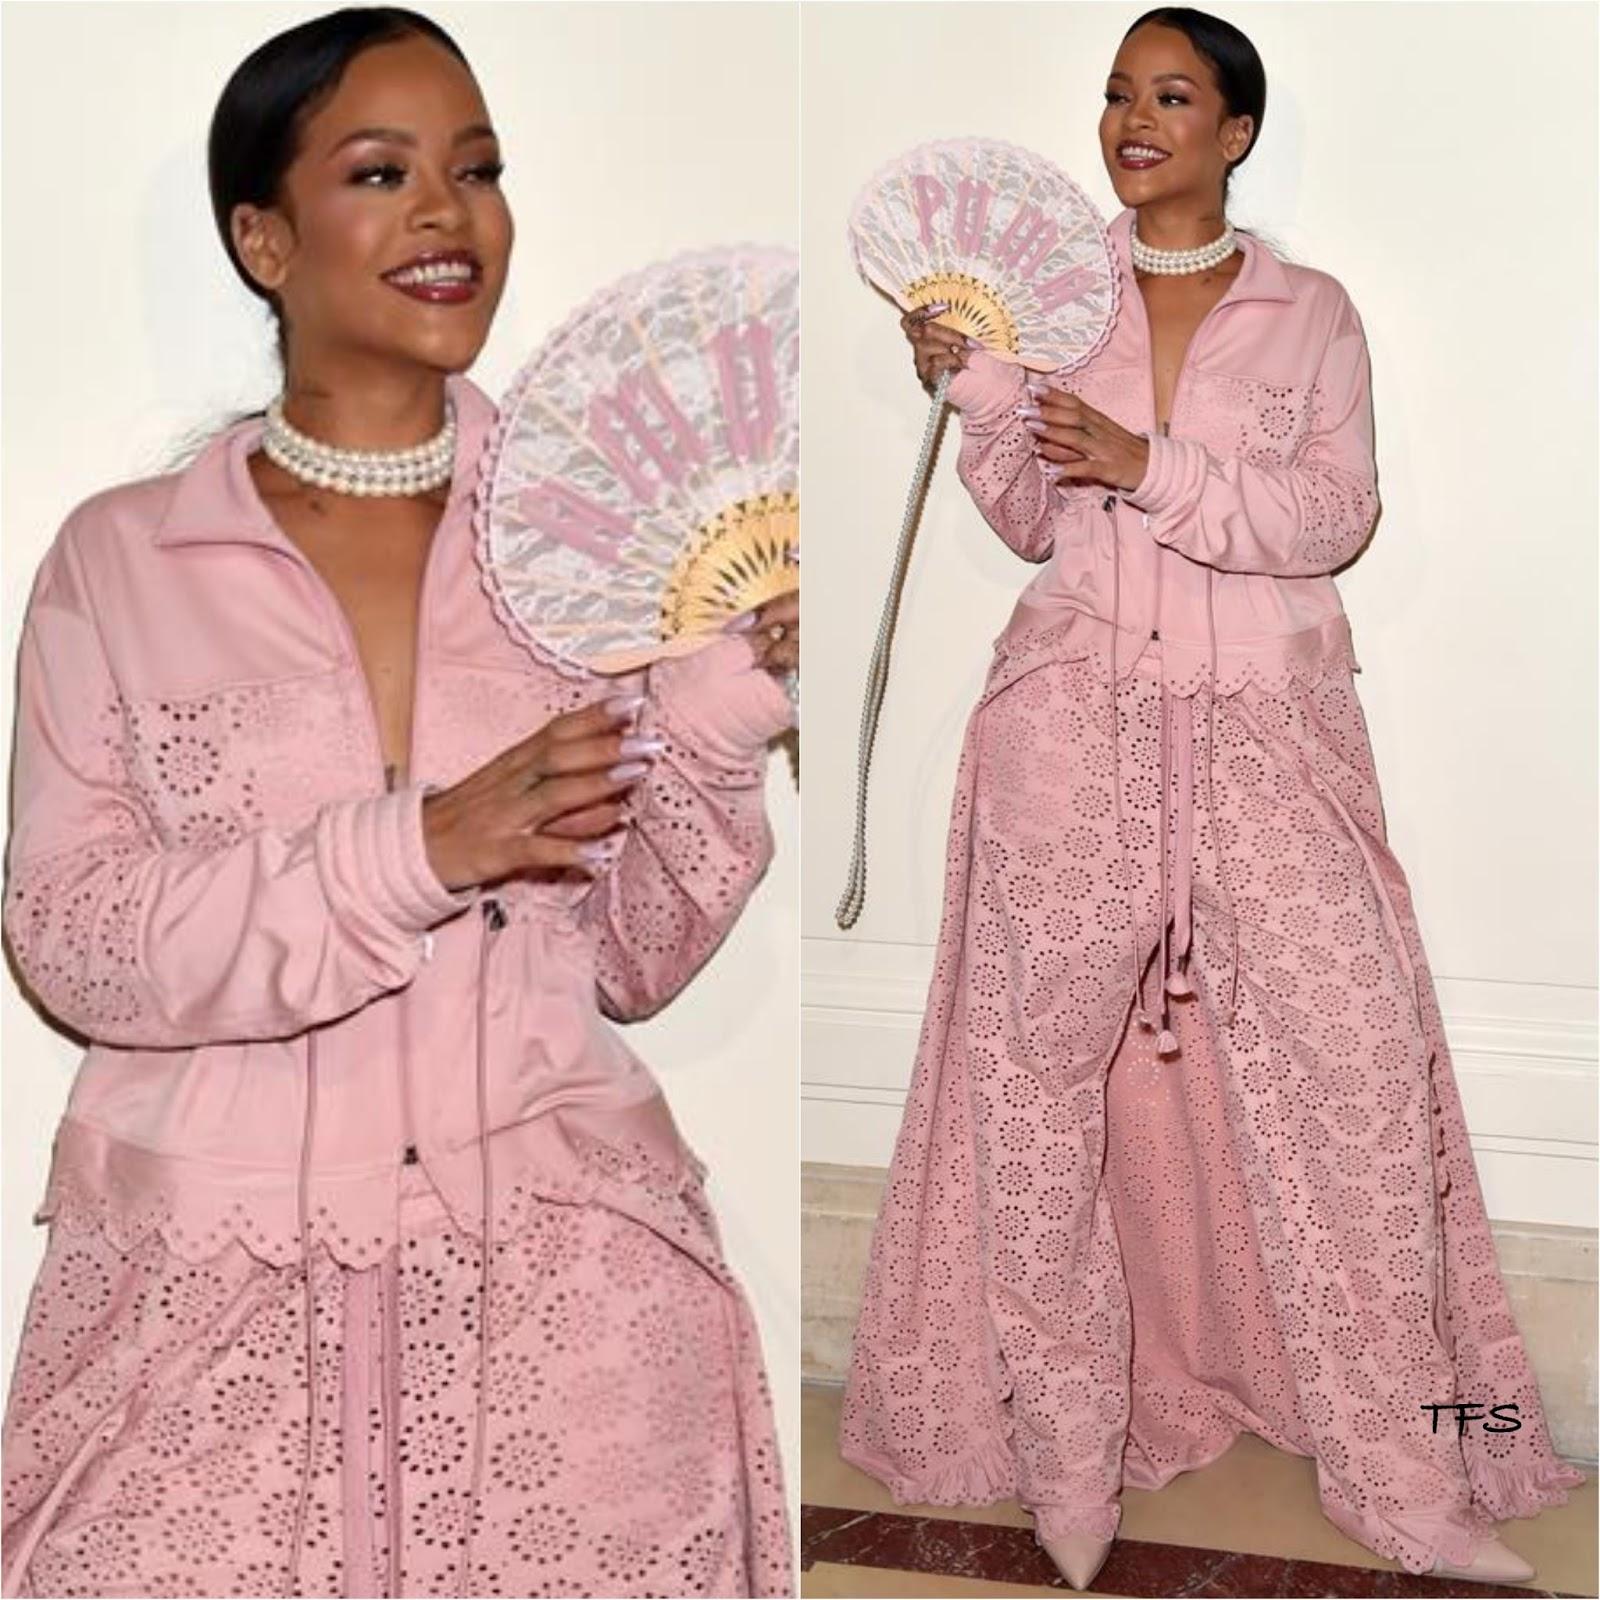 on sale 157f3 107ec Rihanna in Fenty x Puma by Rihanna at the Fenty x Puma by ...